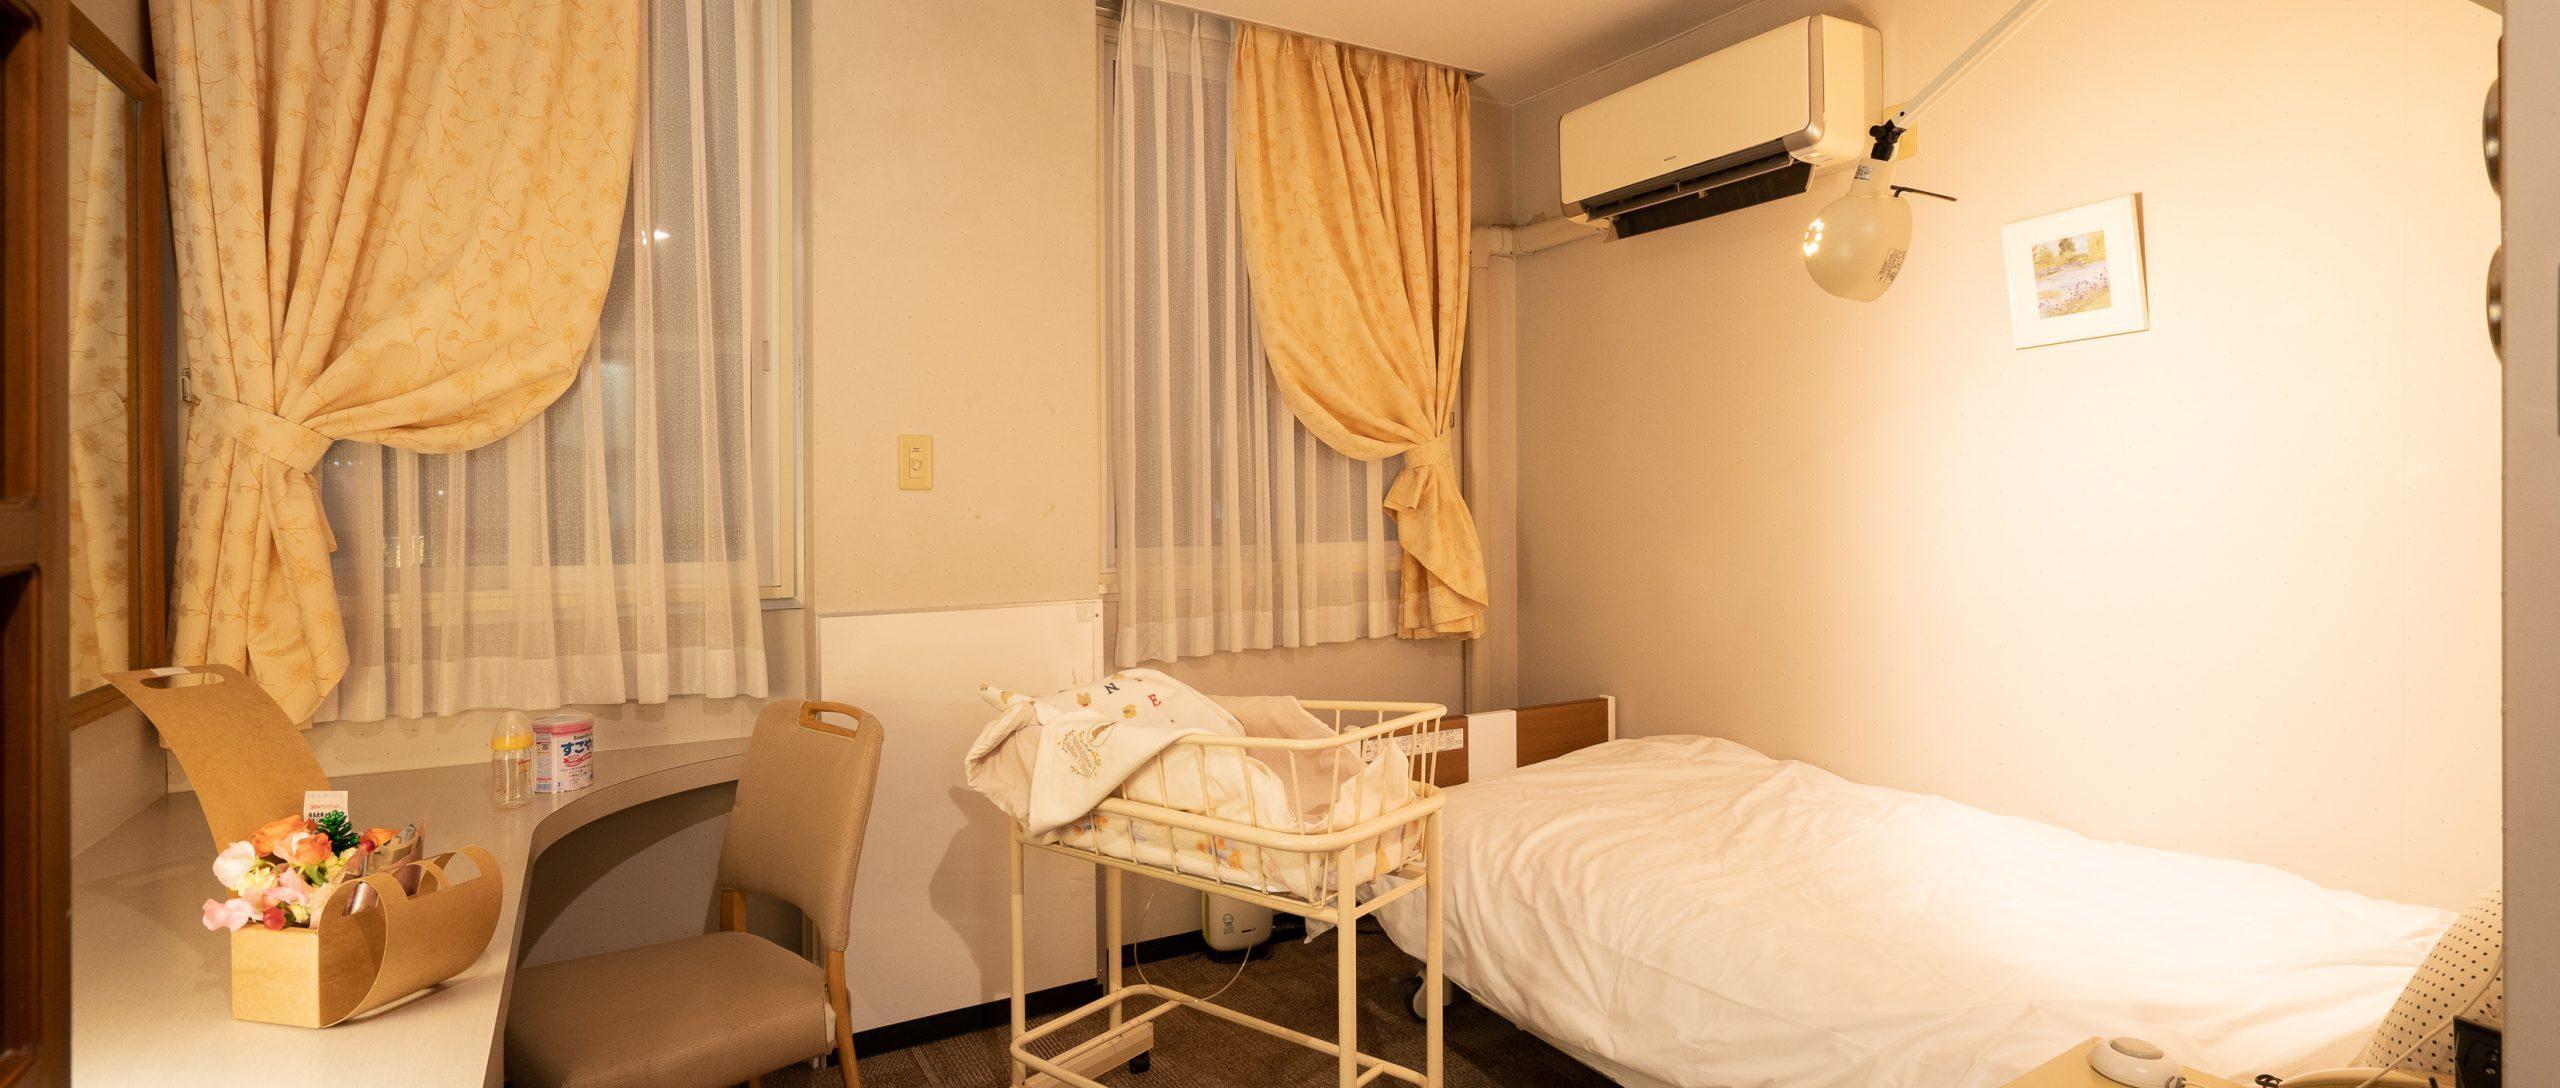 当院で準備しているもの 盛岡市の西島産婦人科医院